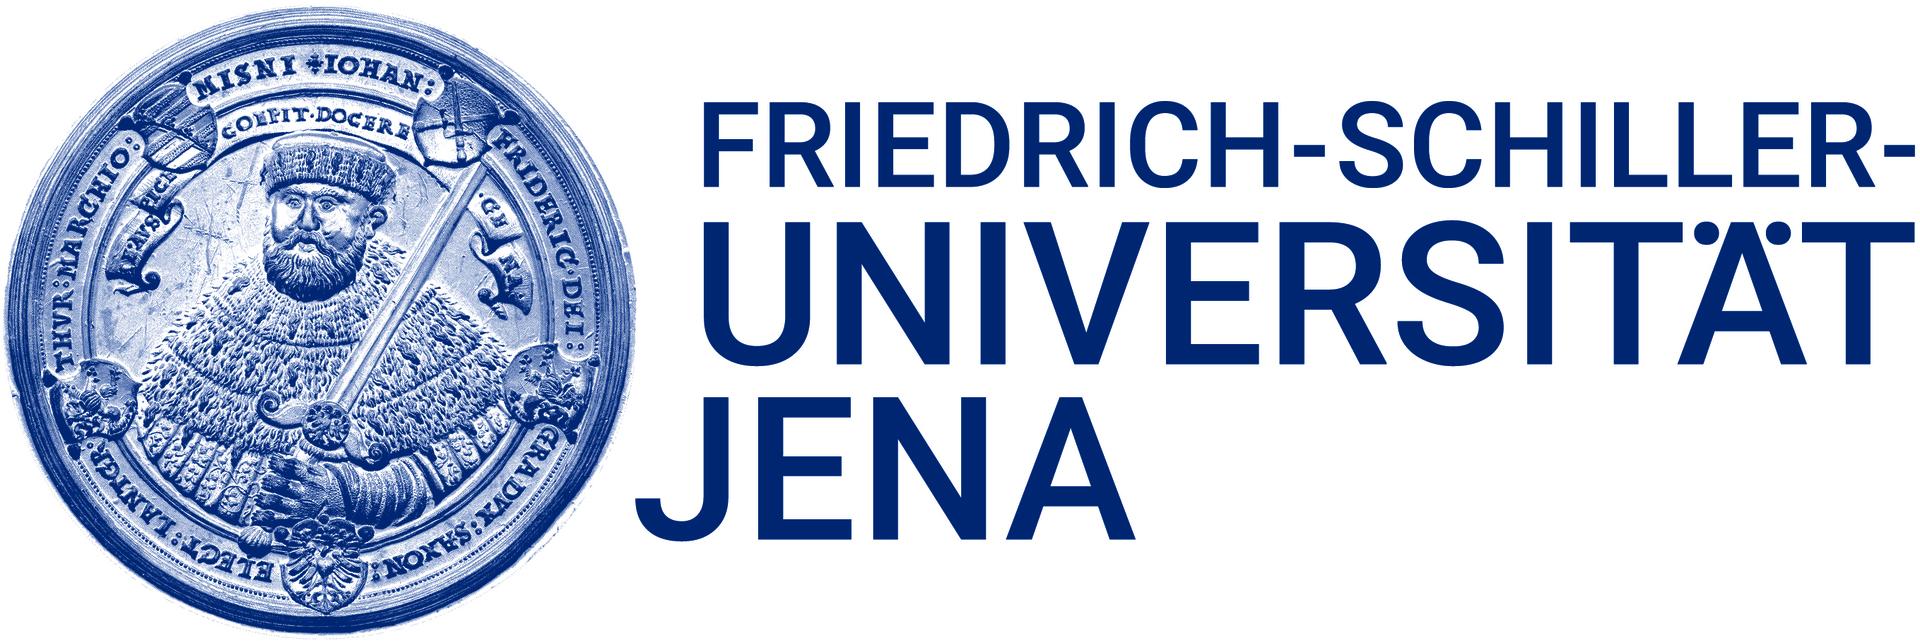 Lehrstuhl für Klassische Archäologie, Friedrich-Schiller-Universität Jena